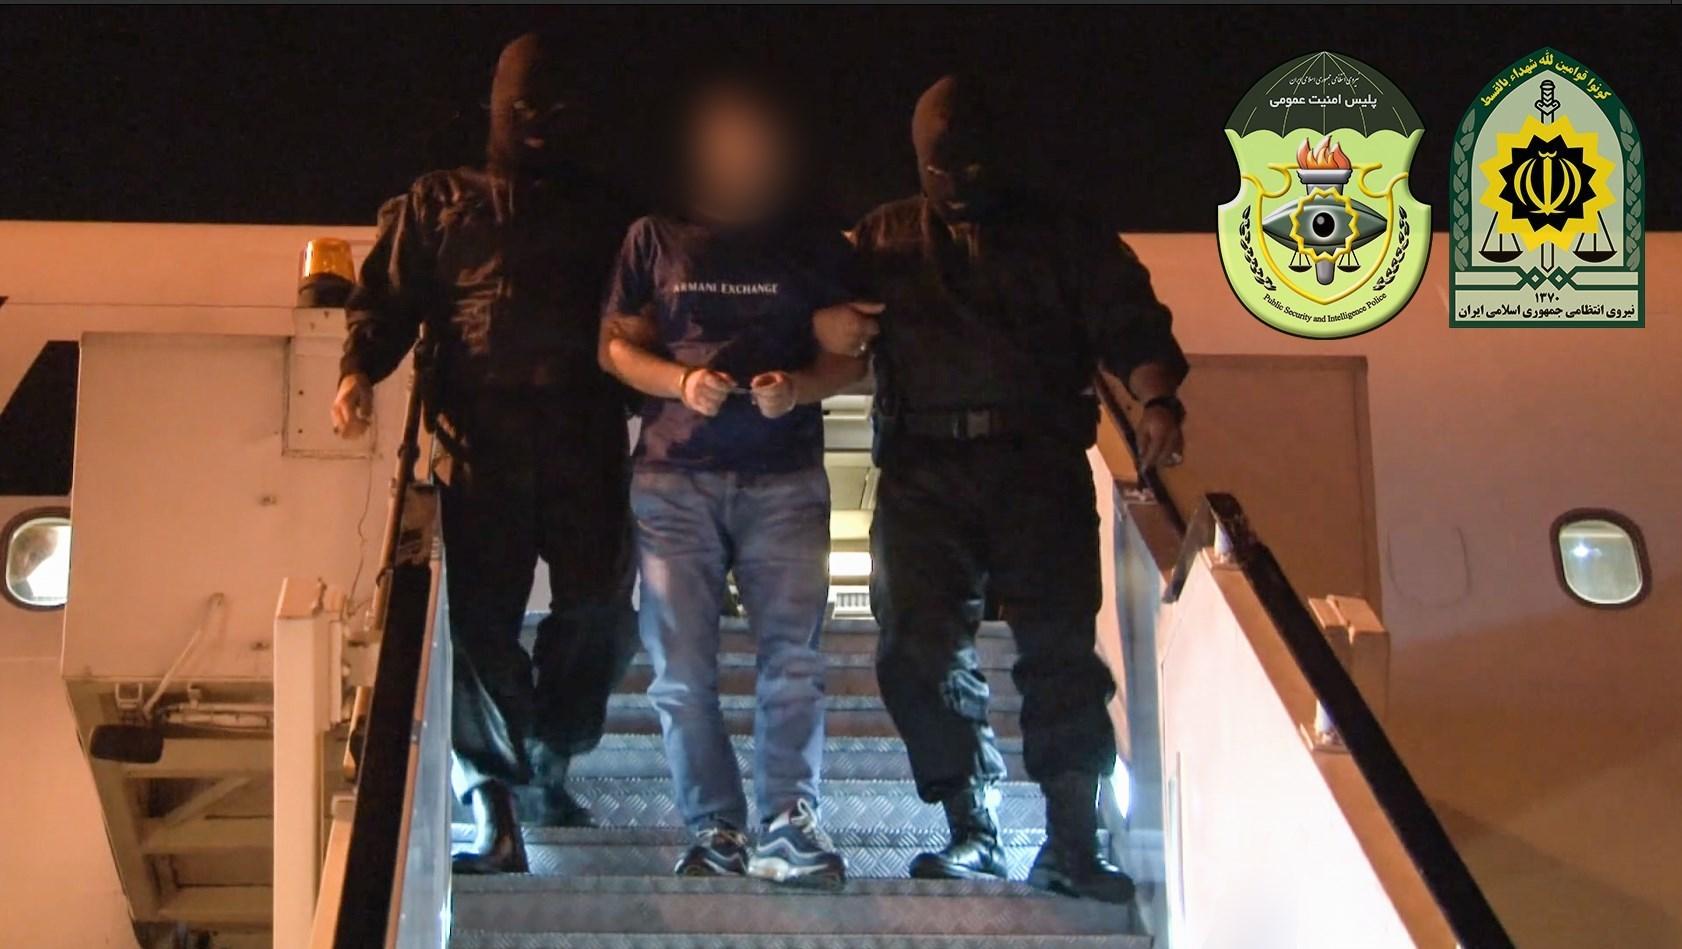 پلیس امنیت | پلیس پاوا , دادسرای ارشاد , قوه قضائیه ,